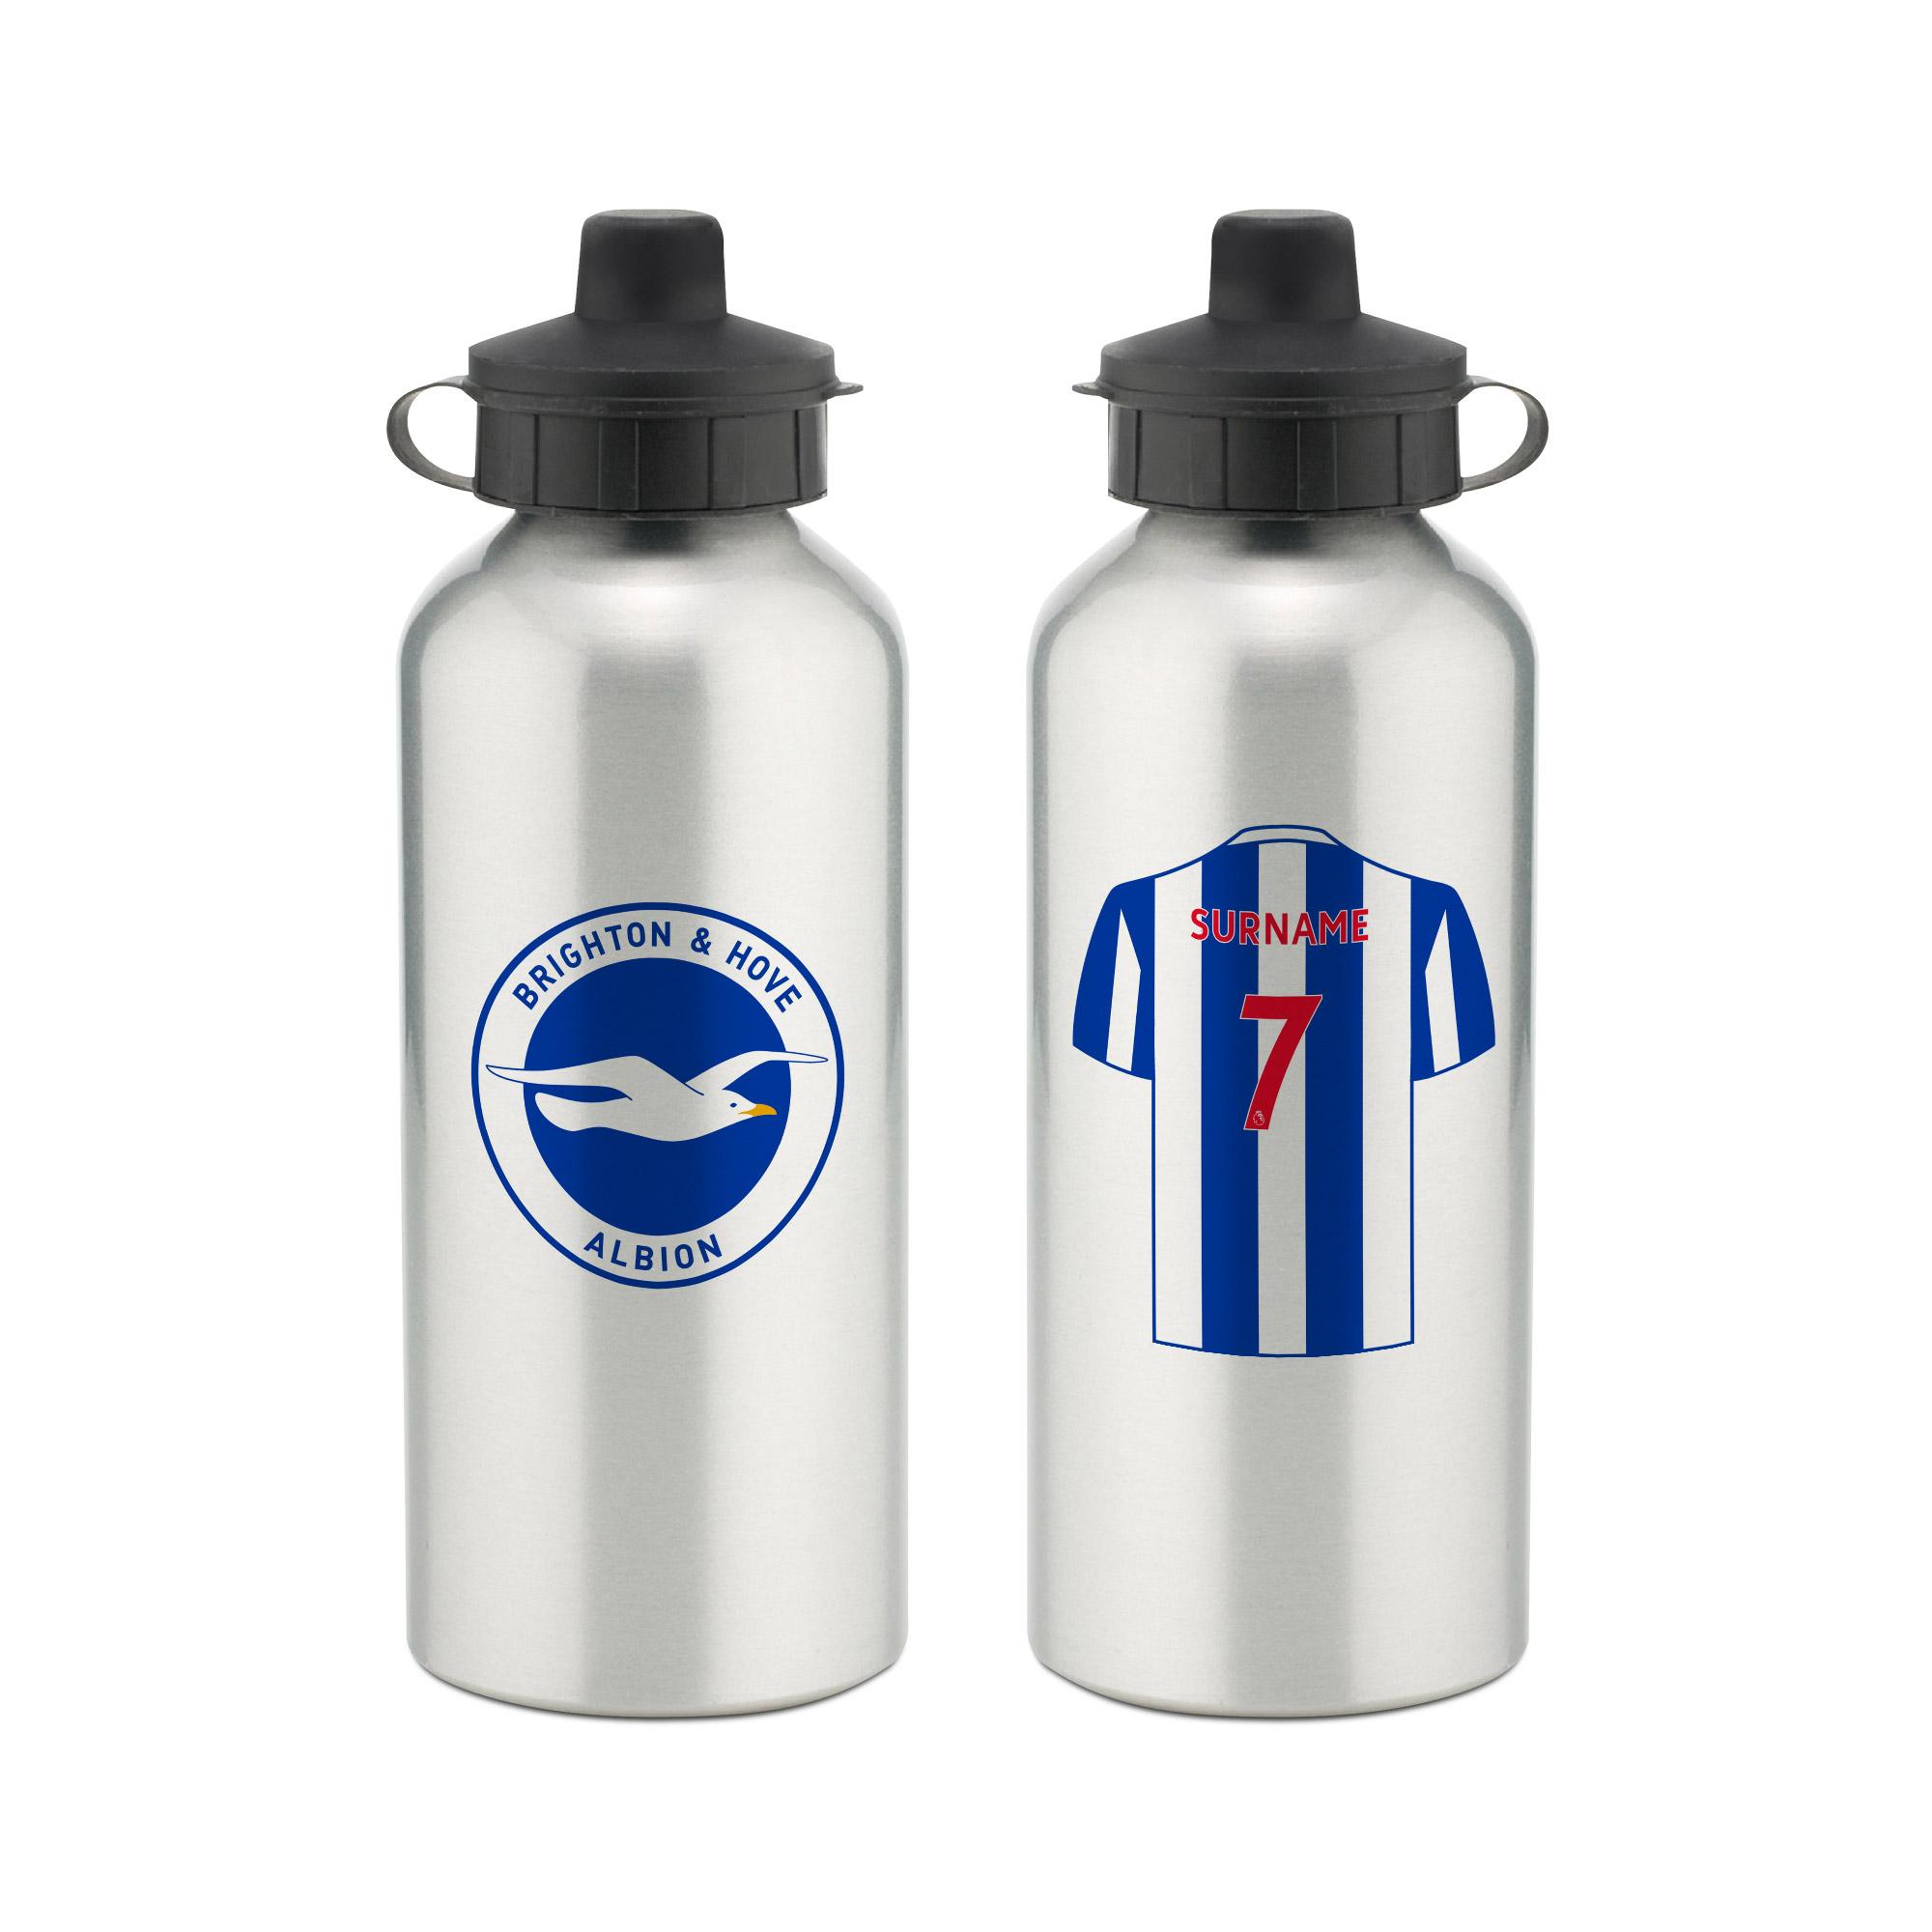 Brighton & Hove Albion FC Aluminium Water Bottle